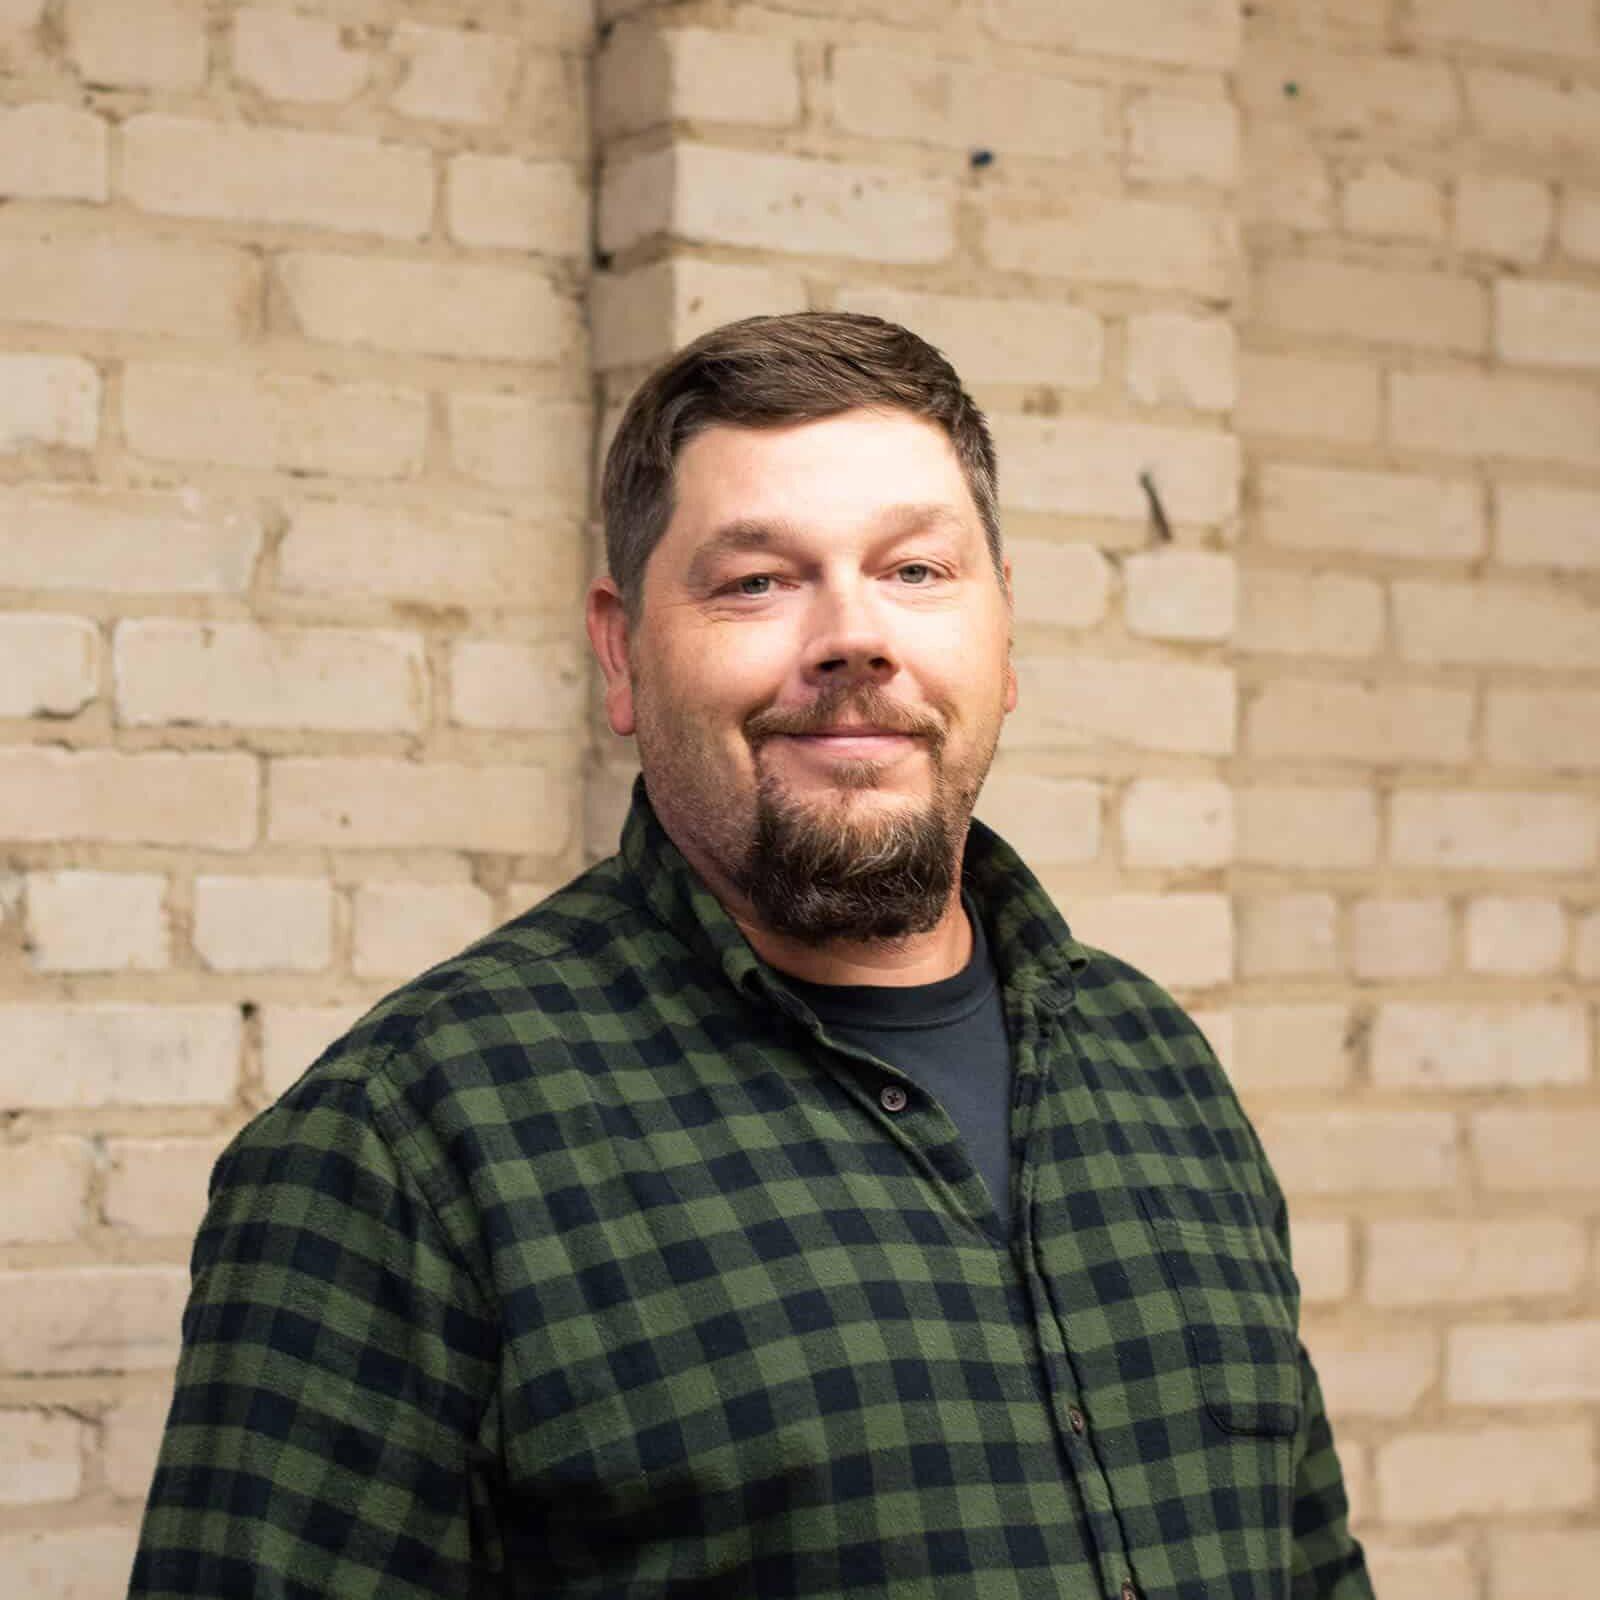 Robert Kritcher